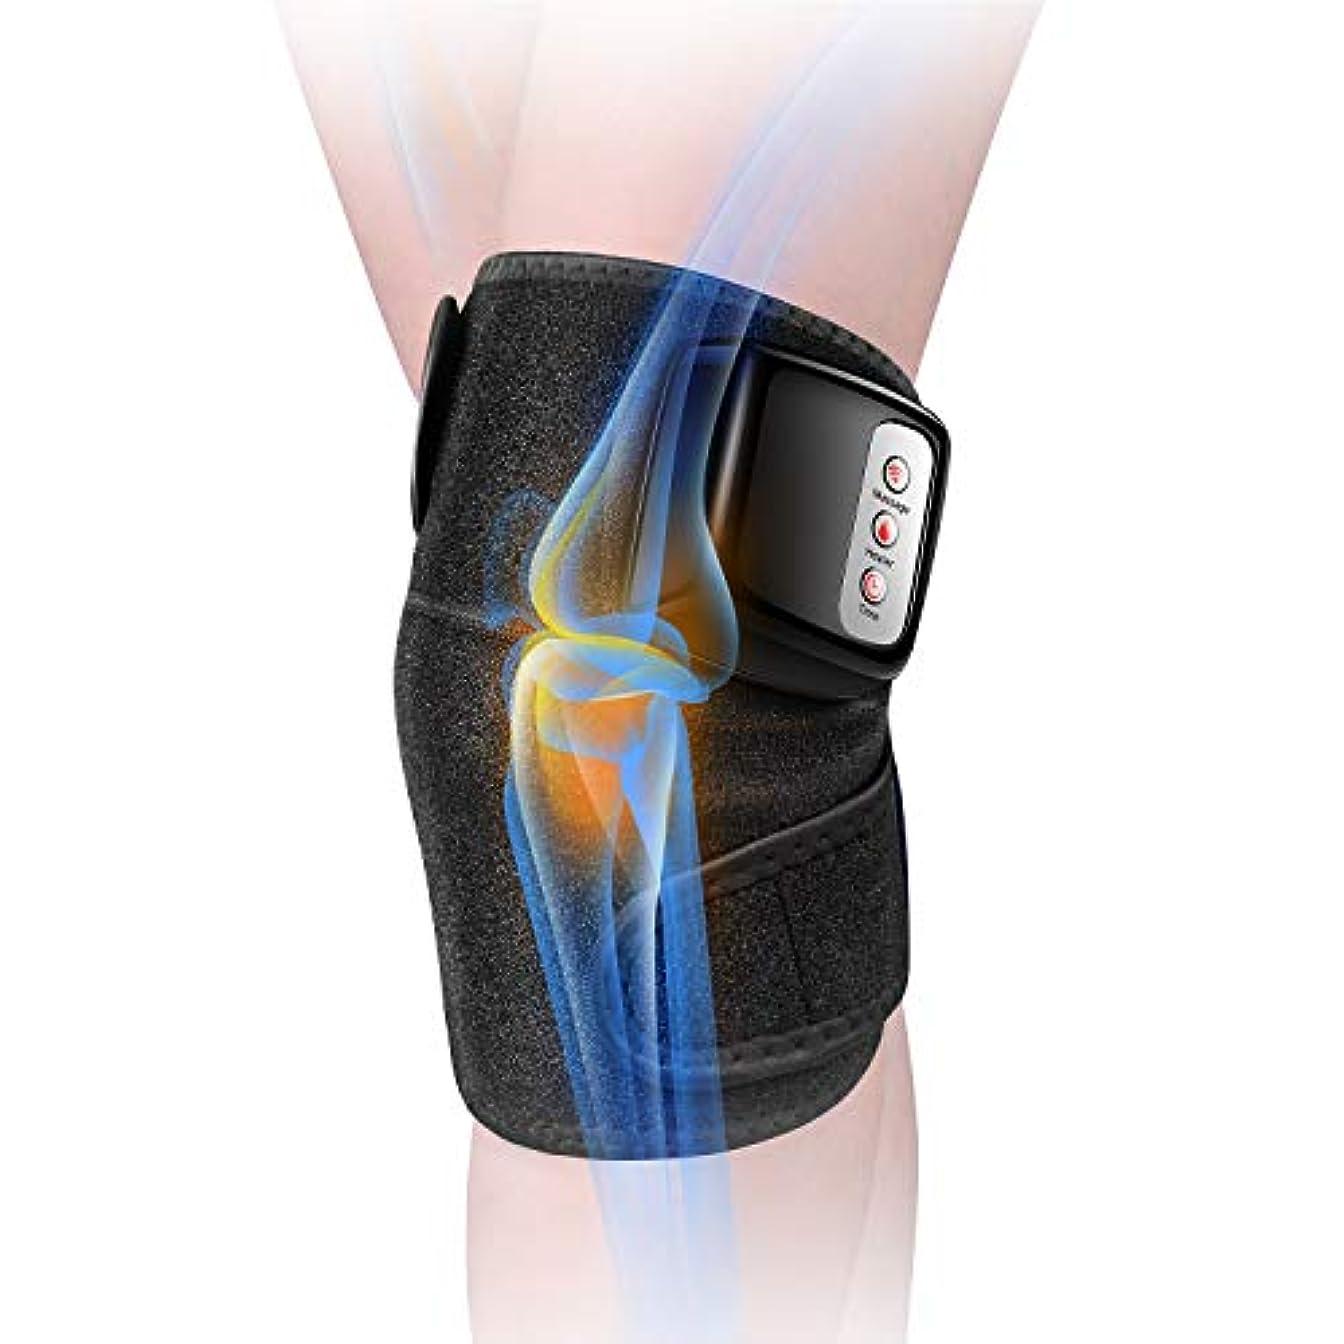 ゴシップダーリン太字膝マッサージャー 関節マッサージャー マッサージ器 フットマッサージャー 振動 赤外線療法 温熱療法 膝サポーター ストレス解消 肩 太もも/腕対応